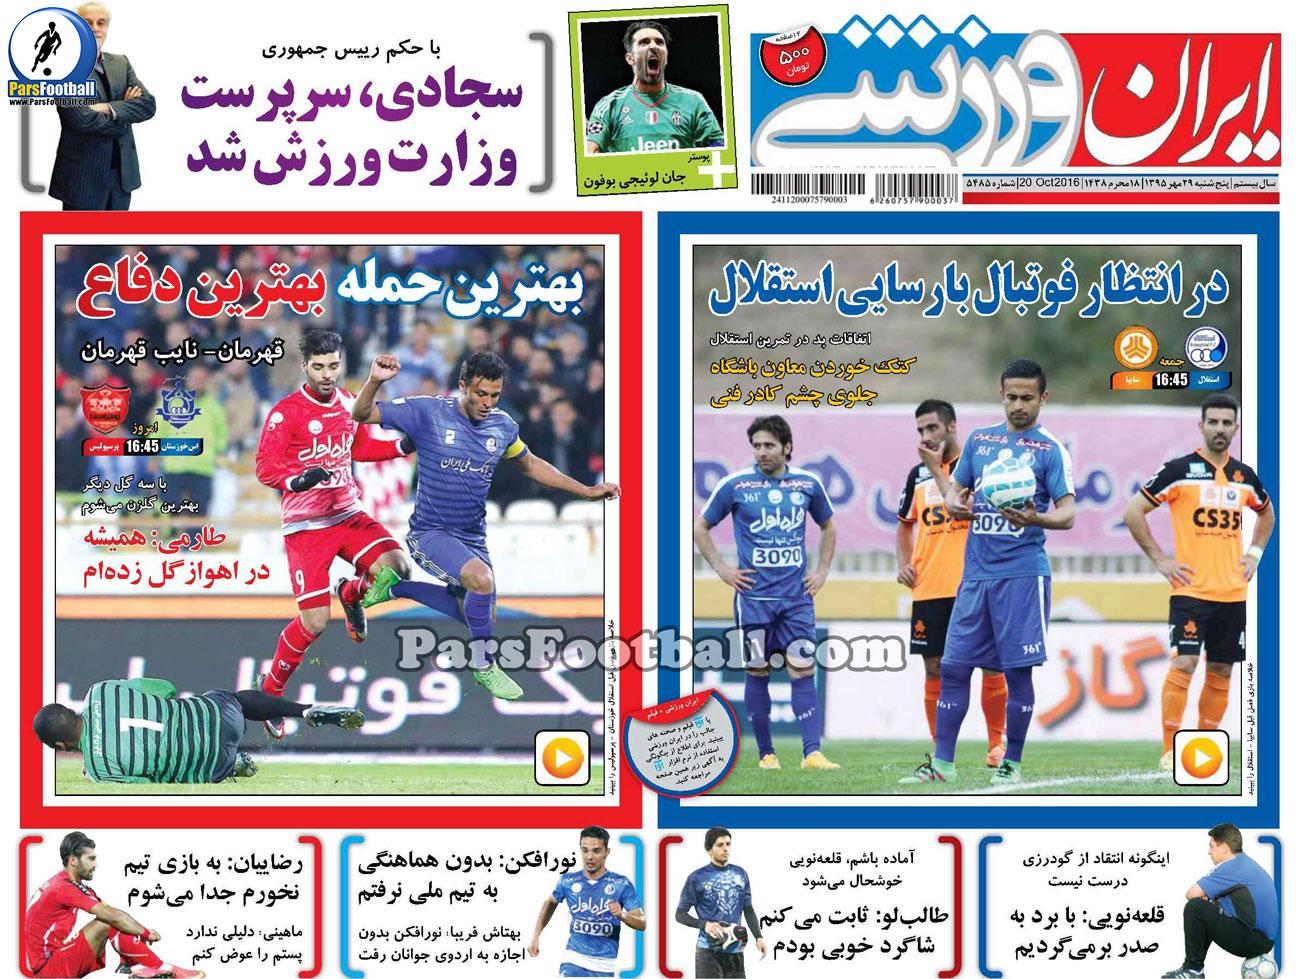 روزنامه ایران ورزشی پنجشنبه 29 مهر 95